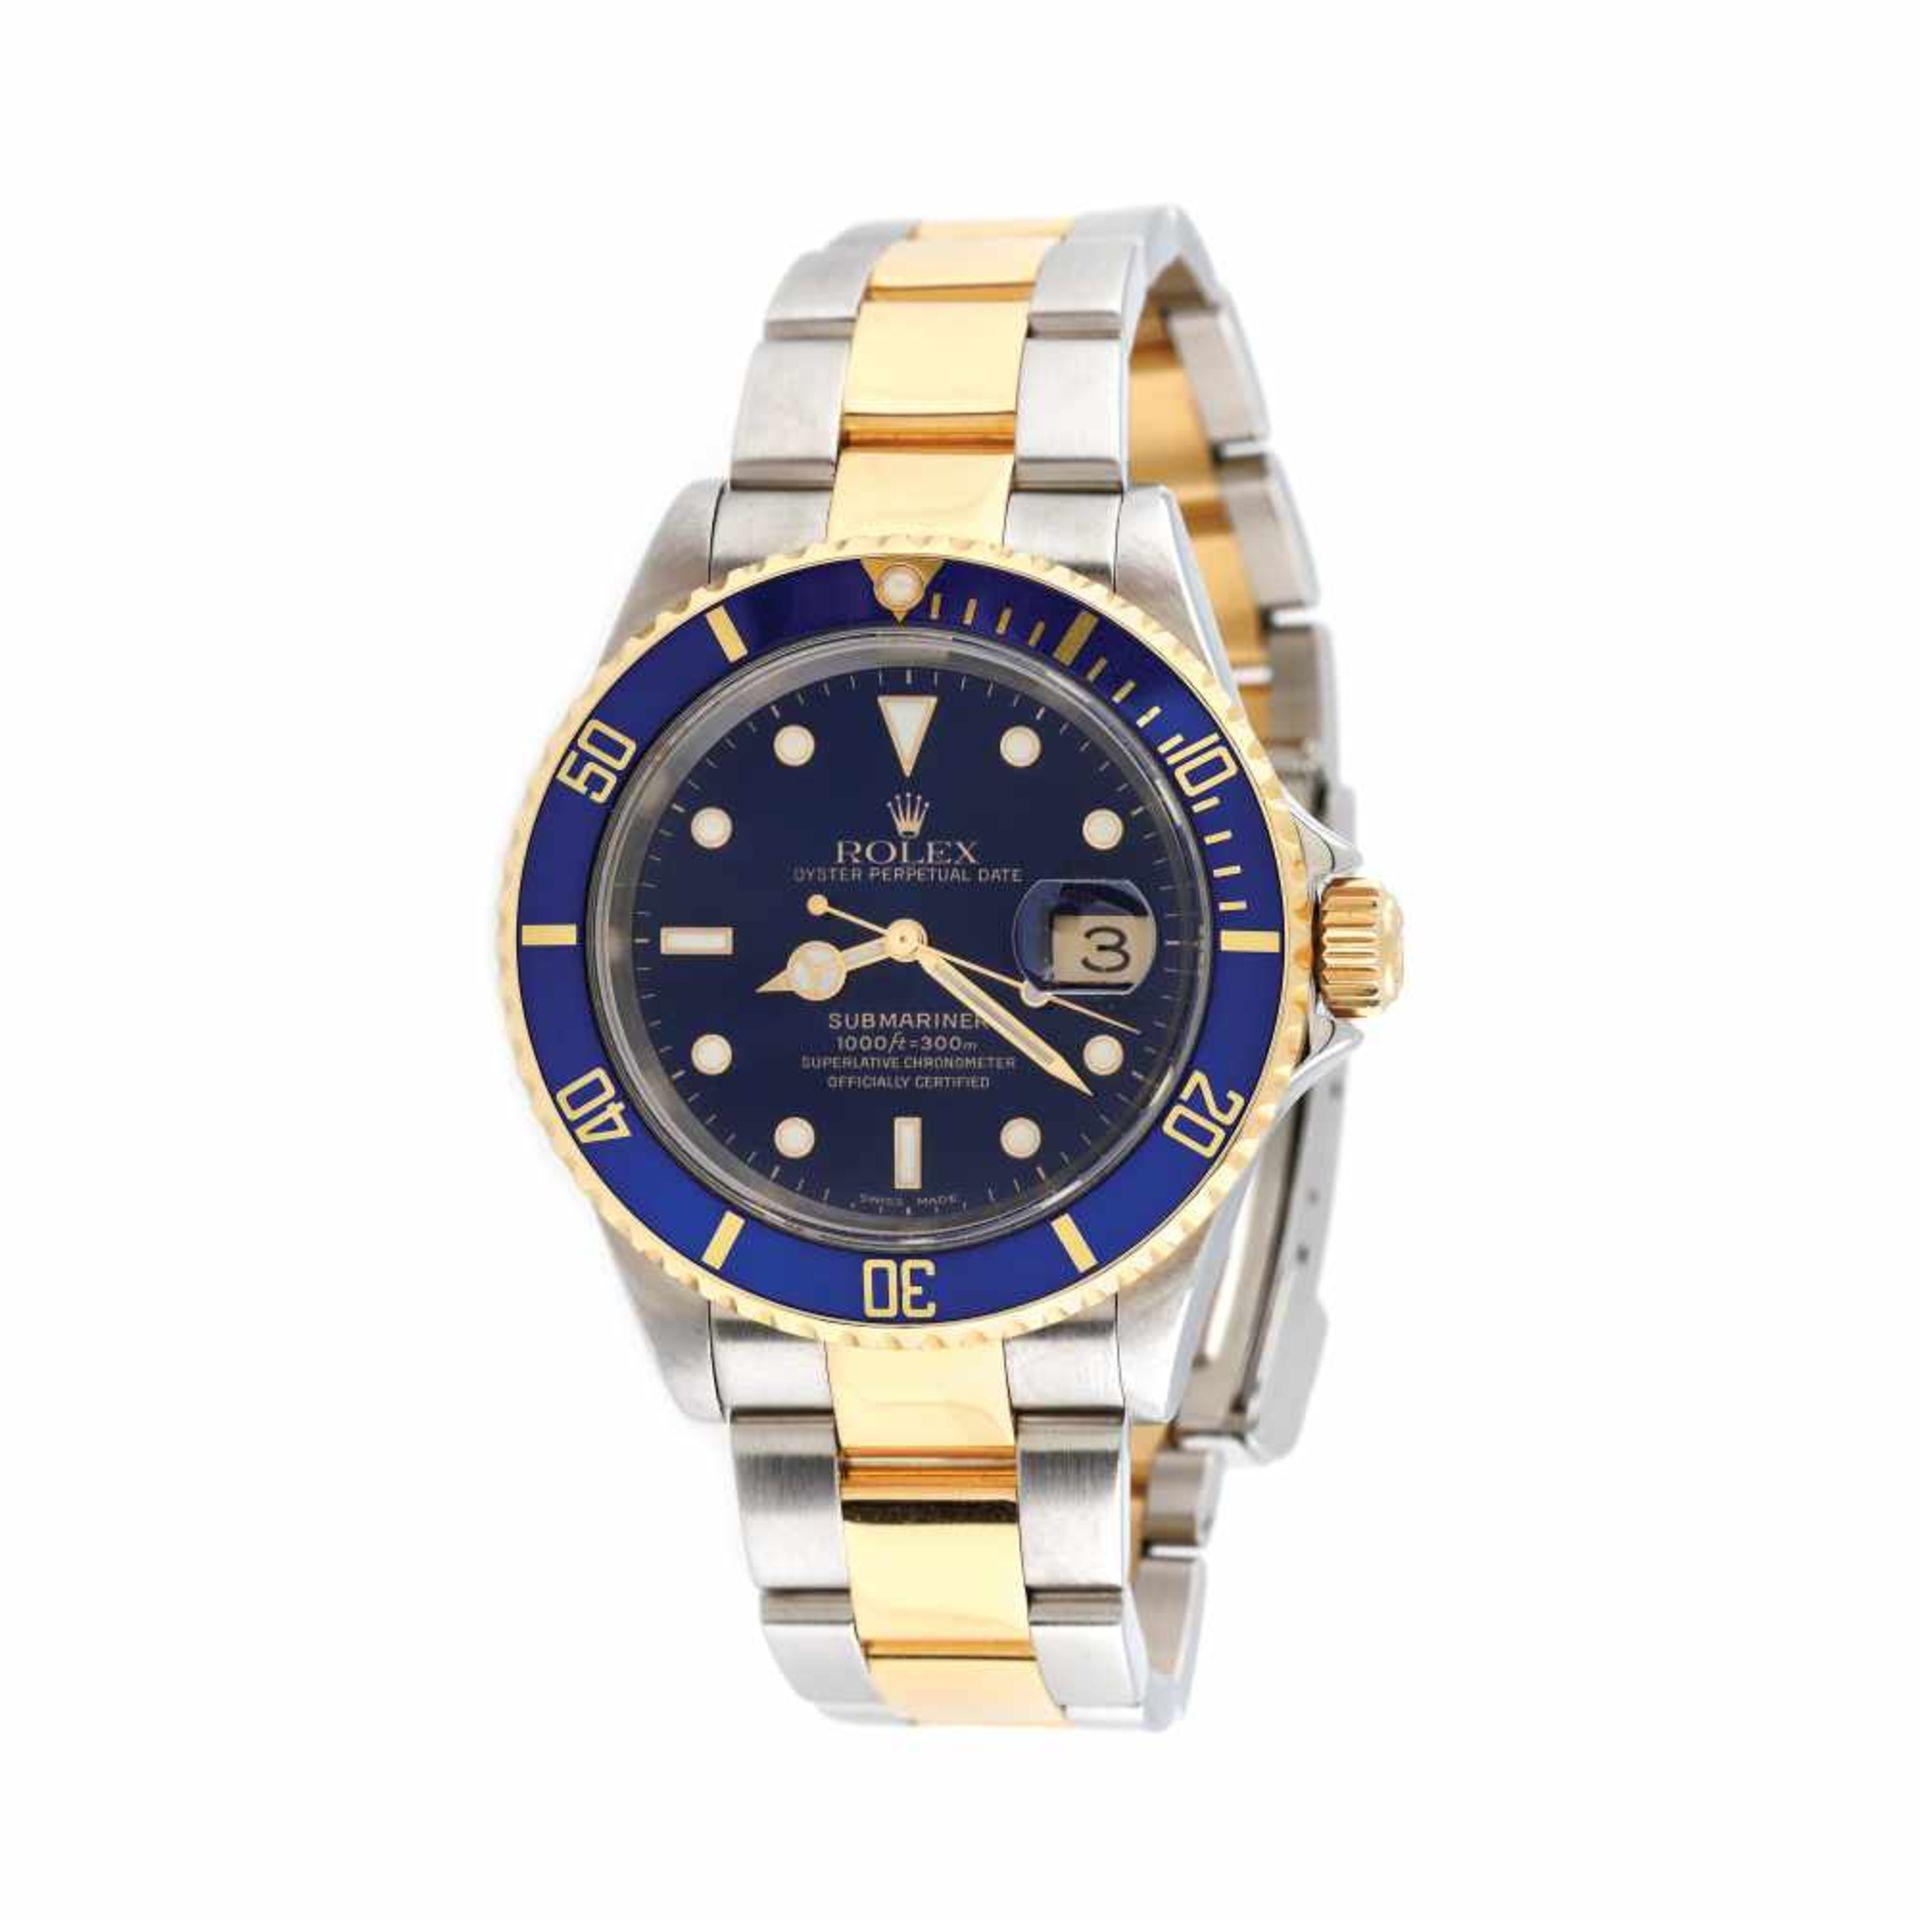 Rolex Submariner wristwatch, gold and steel, men